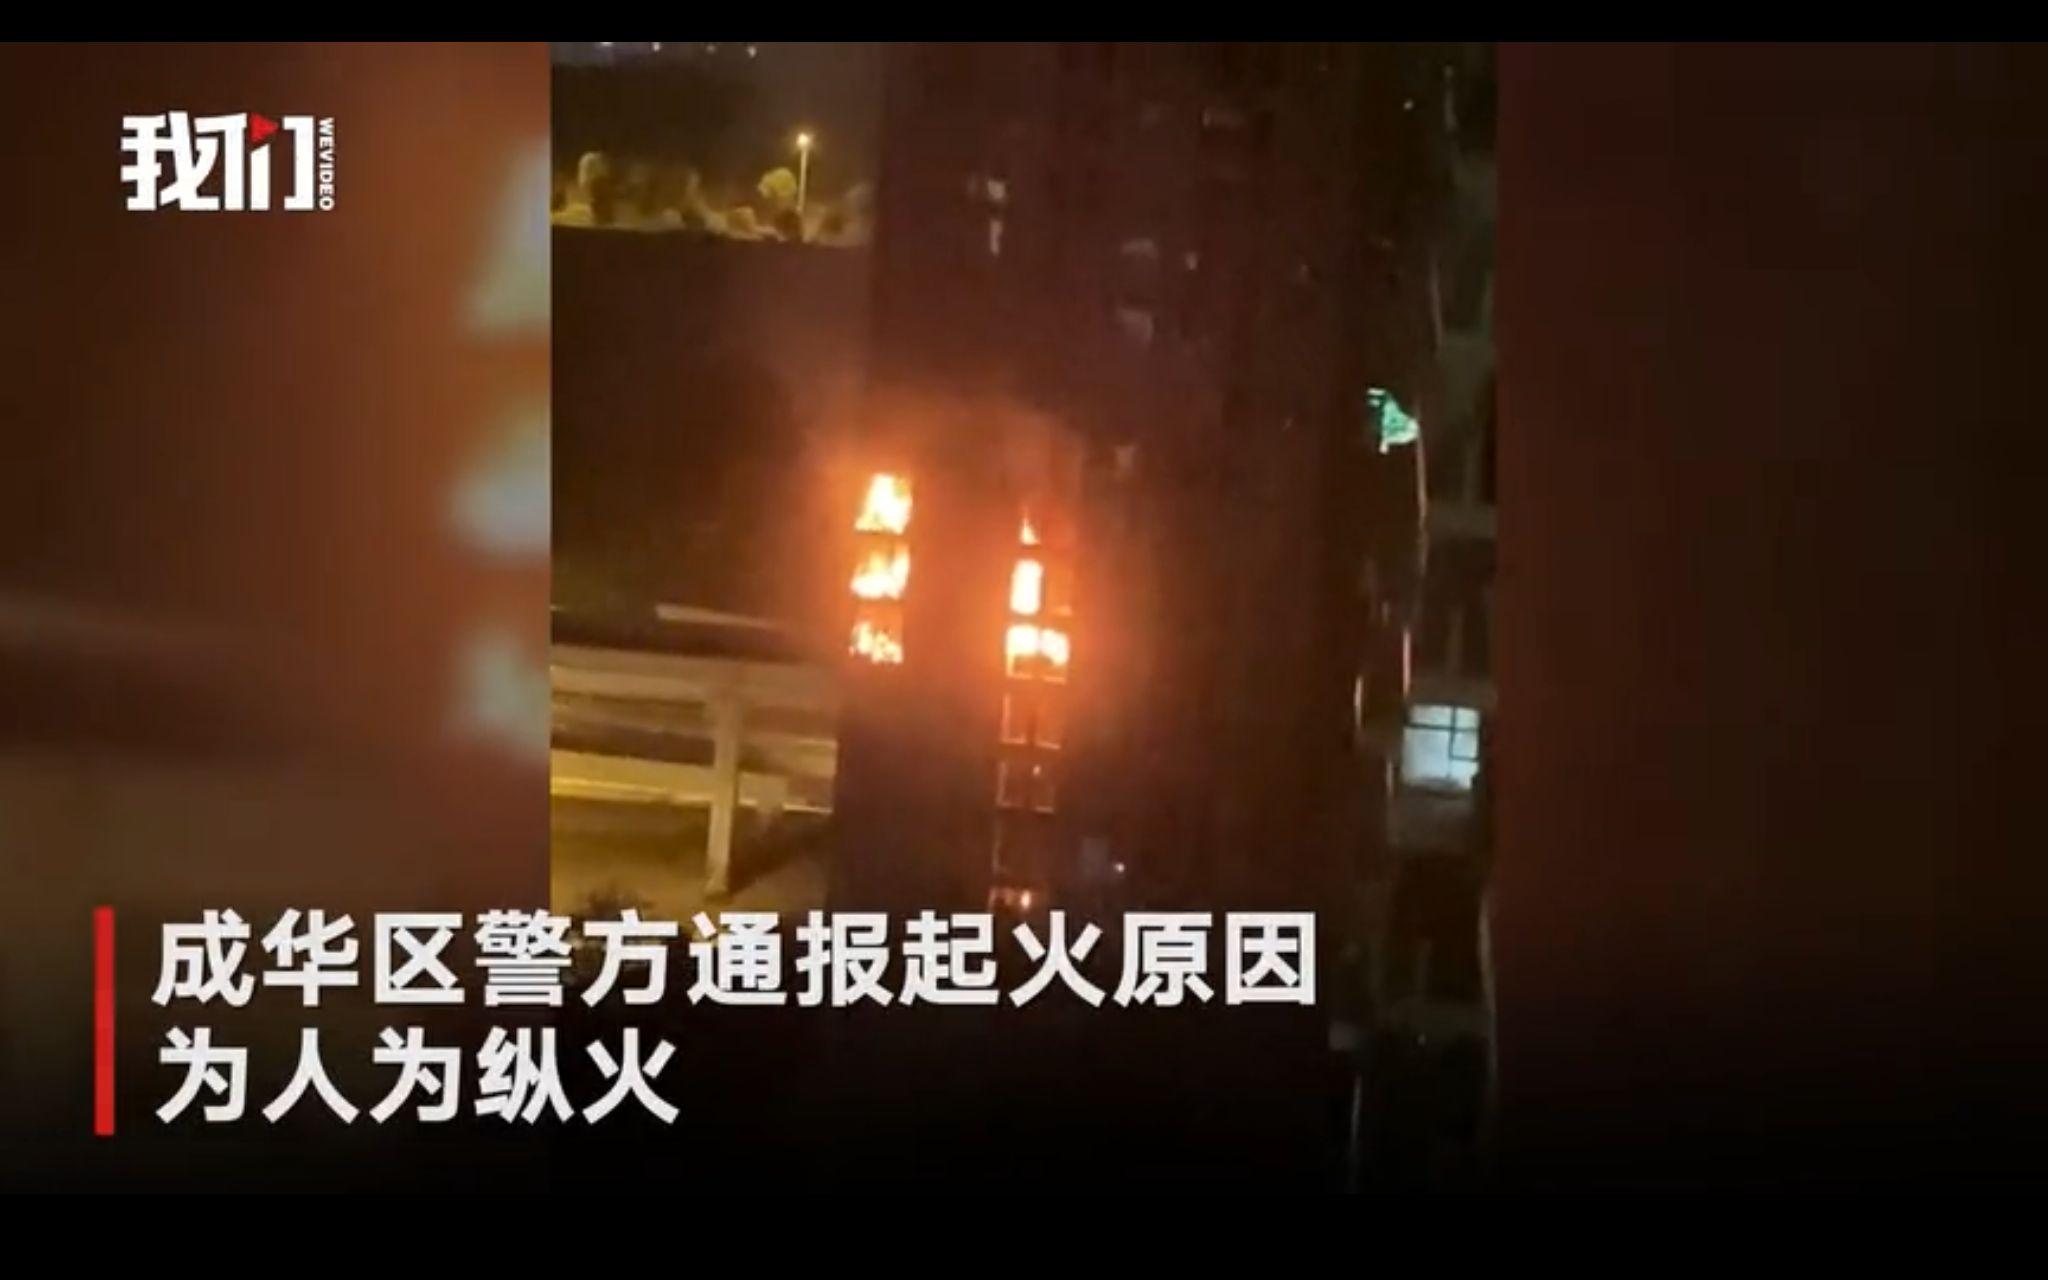 成都男子在前妻家纵火后跳楼身亡,前妻火灾中遇难